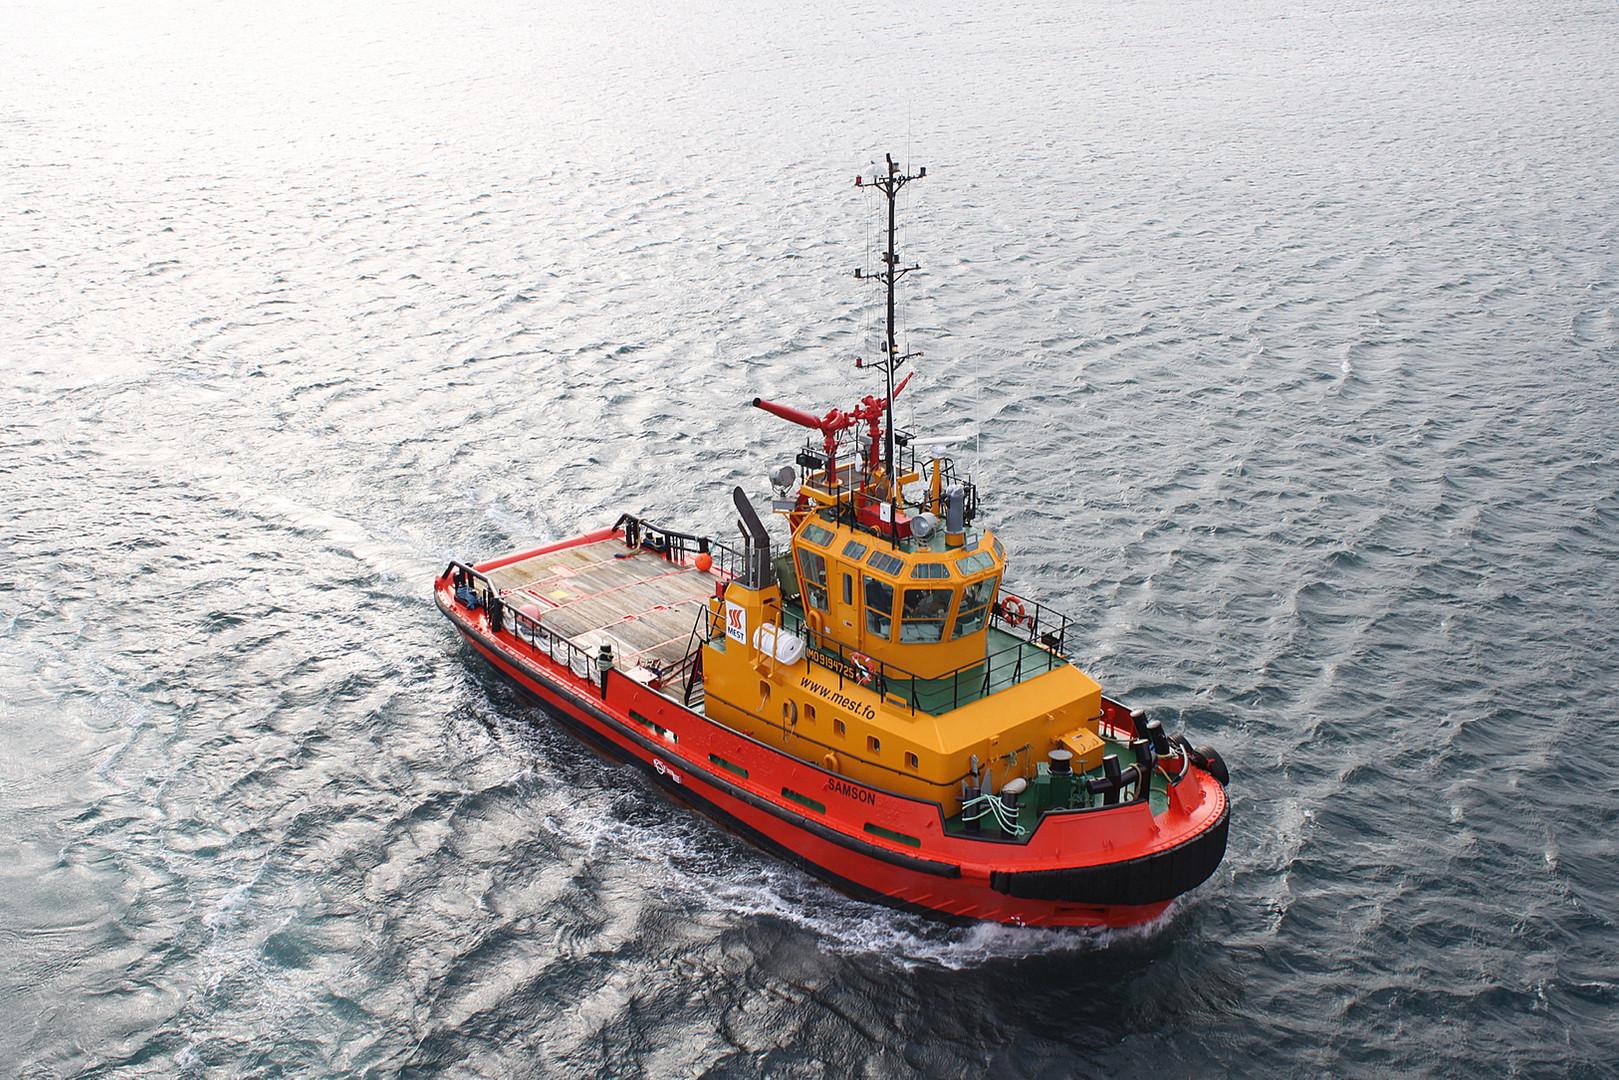 5_Samson_Torshavn_MV_Pollux_300918.jpg